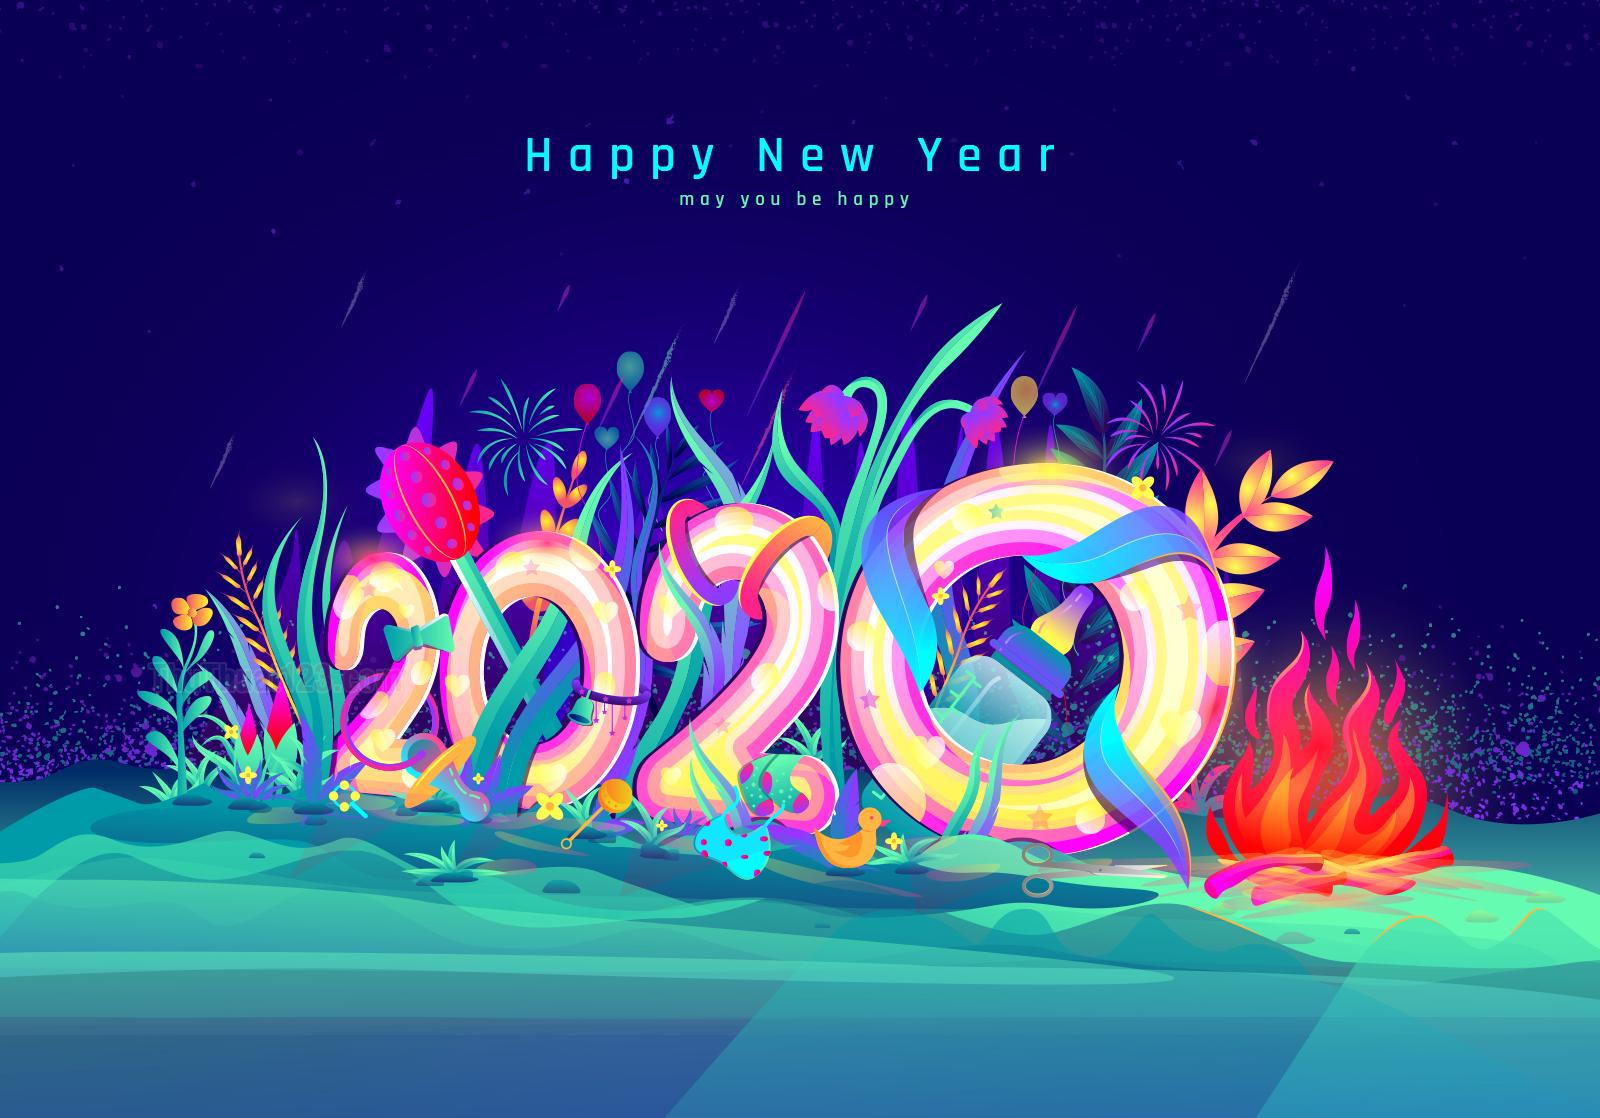 Hình ảnh chúc mừng năm mới 2020